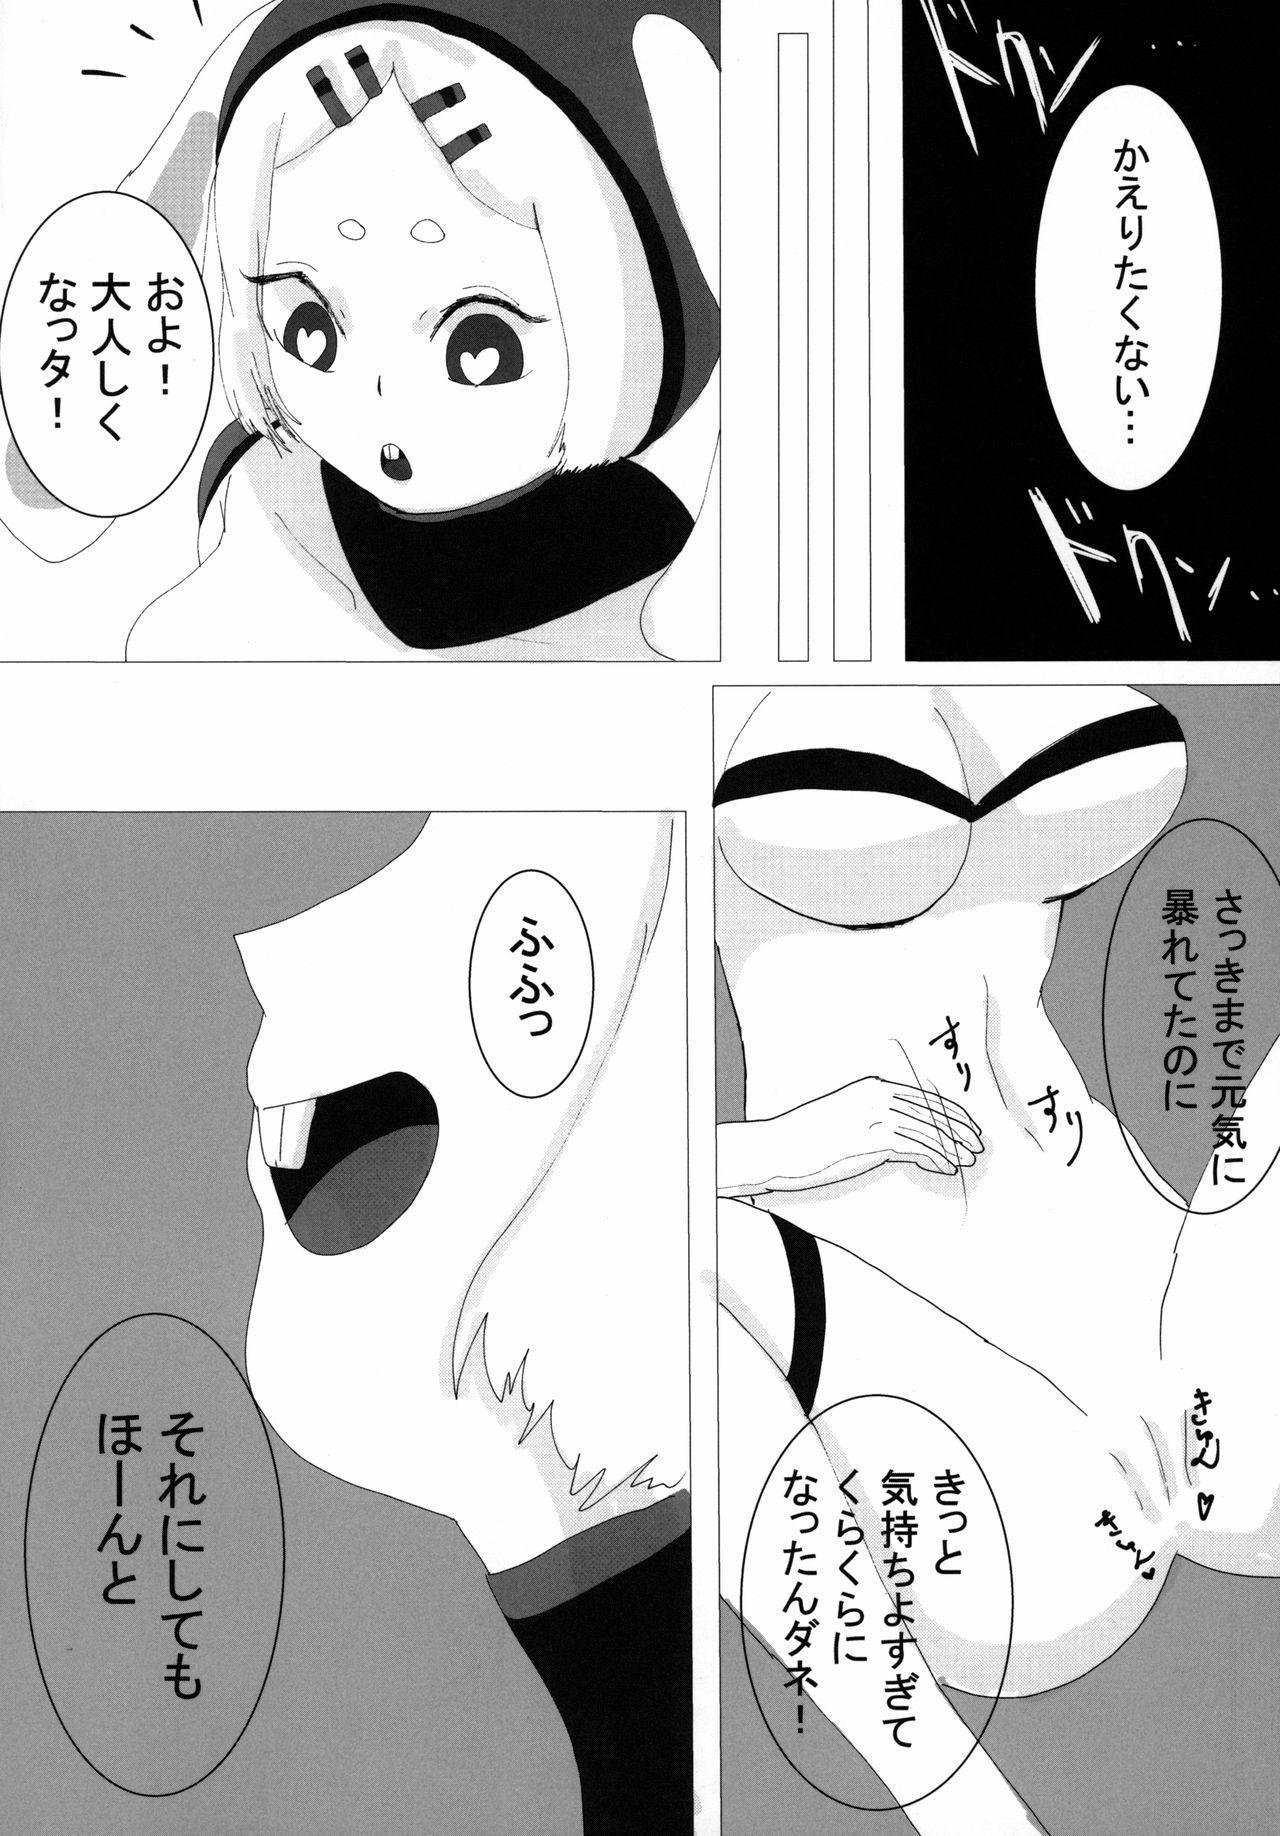 Uchuujin x Kyojo / Size-sa Goudoushi Reiwagou 130